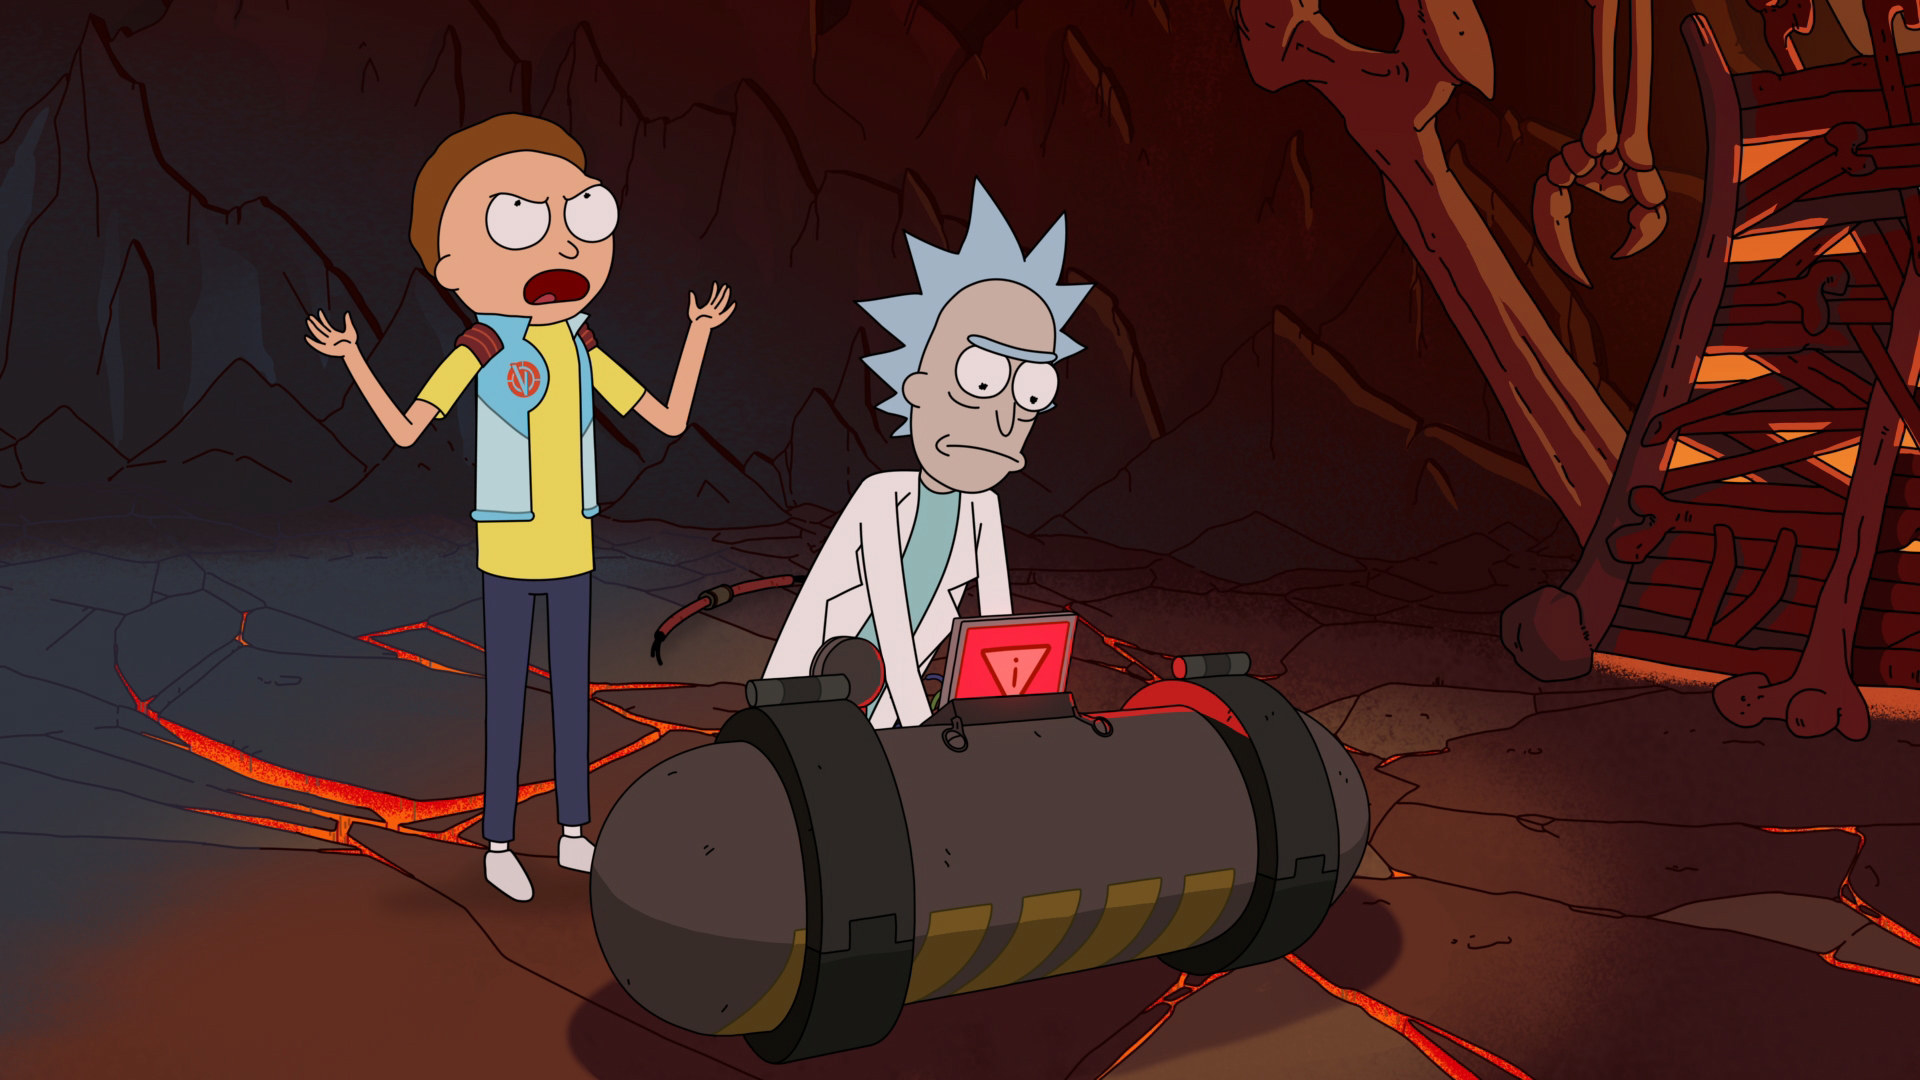 Morty rants at Rick while Rick disables a neutrino bomb